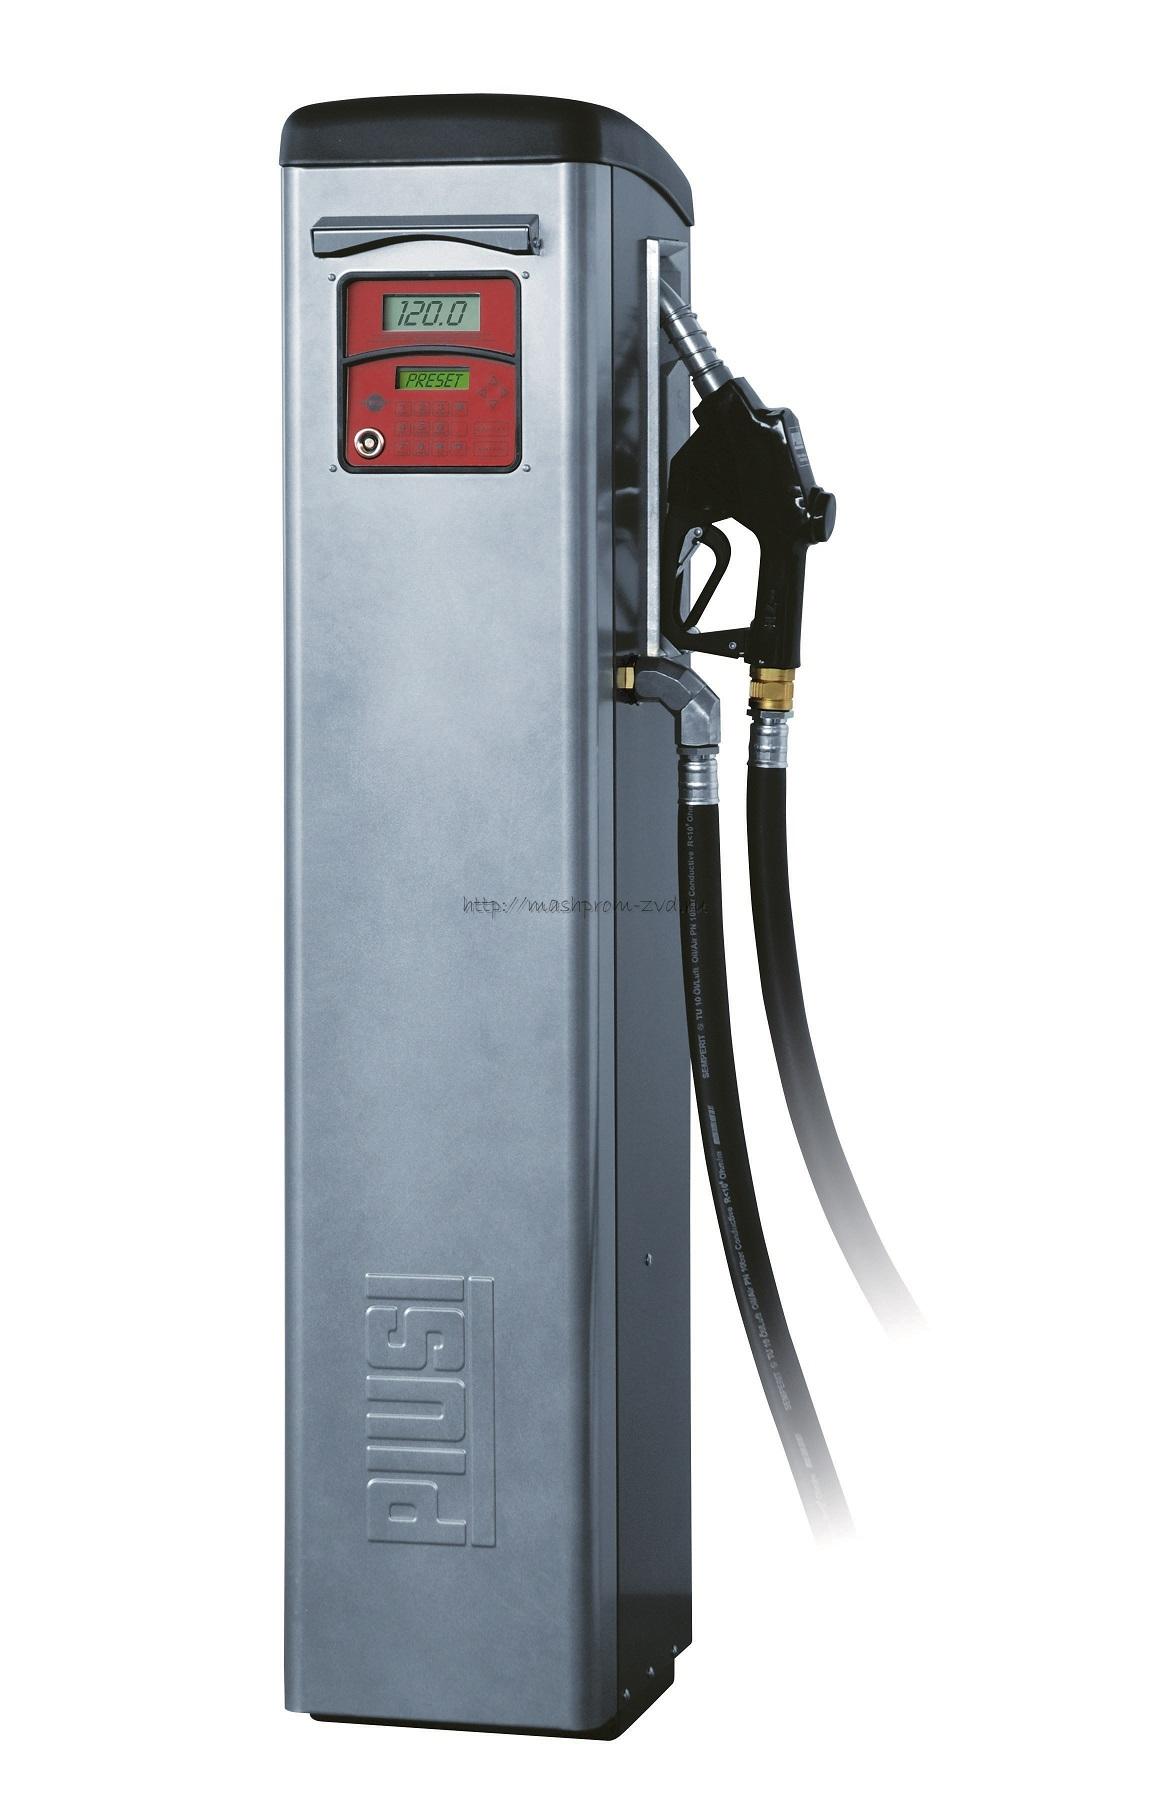 Self Service 100 MC tank арт. F00741B0D - Программируемая раздаточная колонка для ДТ, 100 л/мин